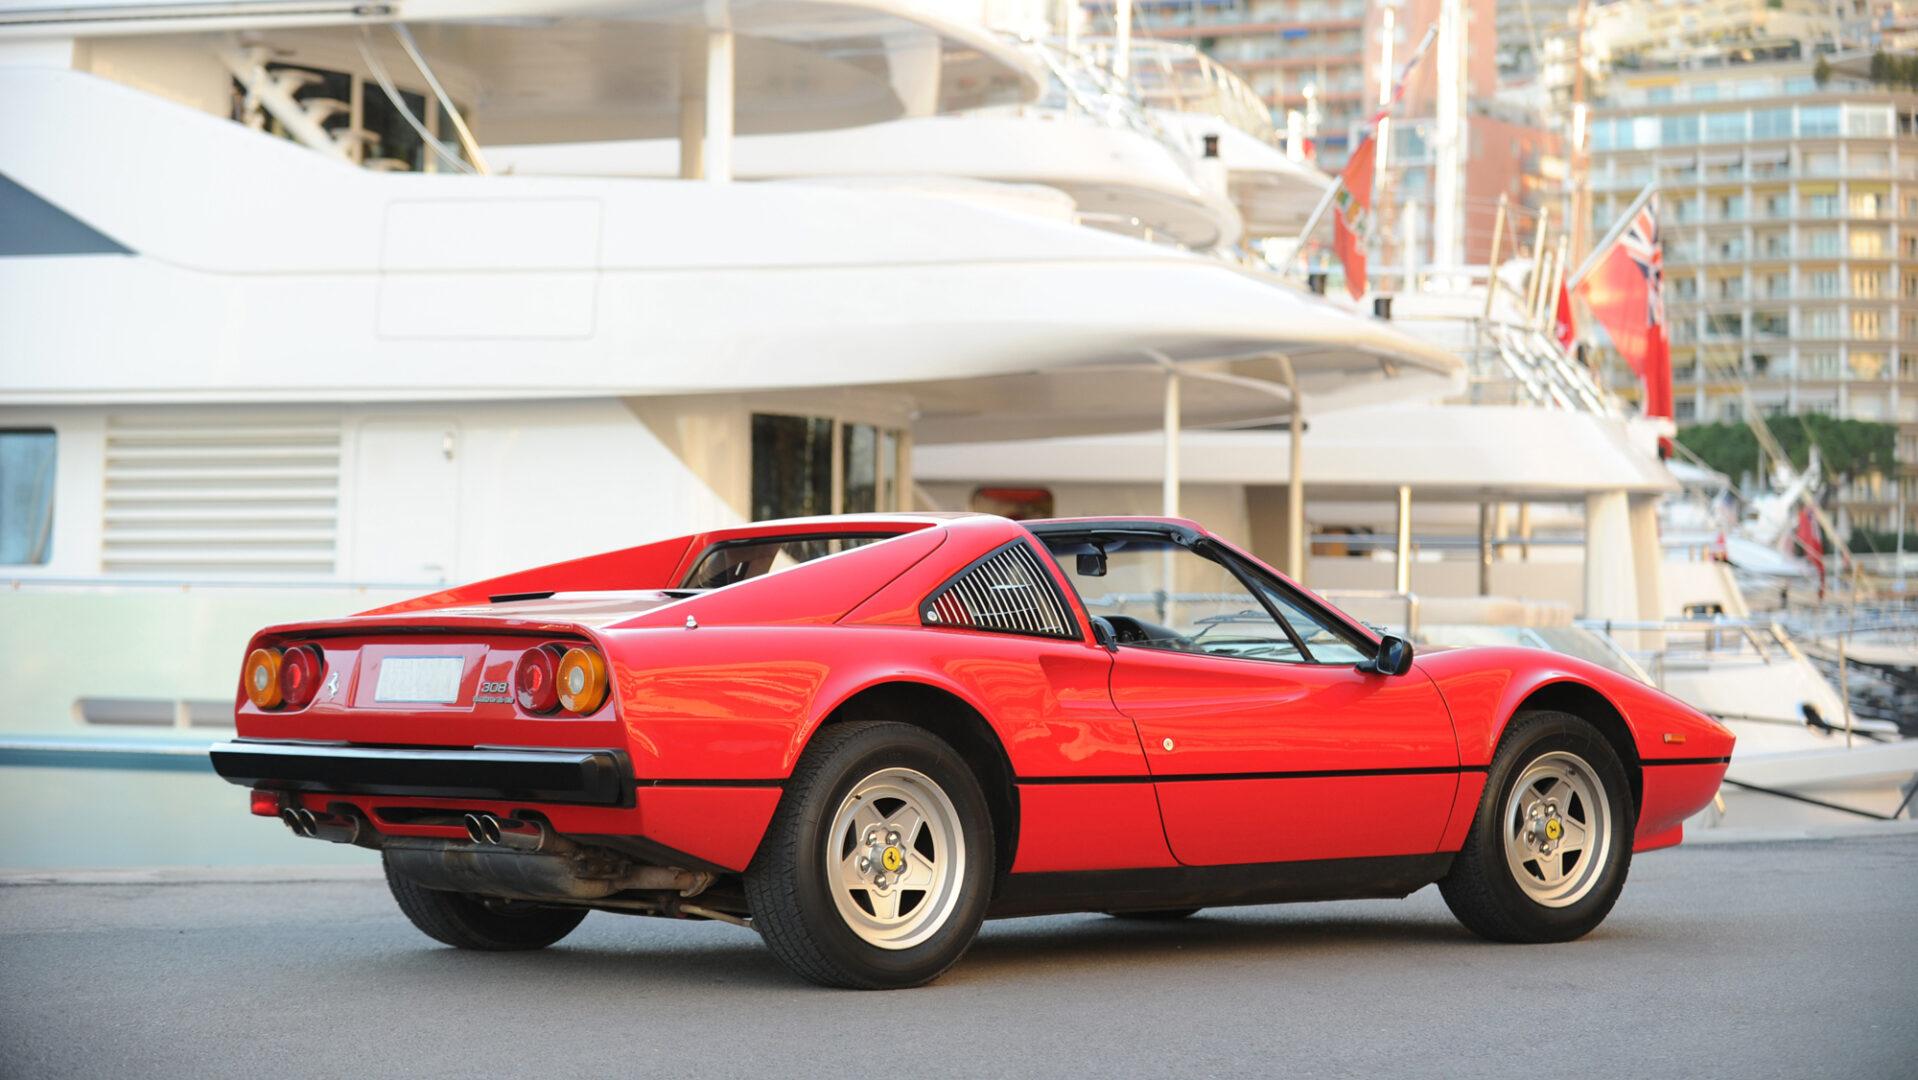 A 1982 Ferrari 328